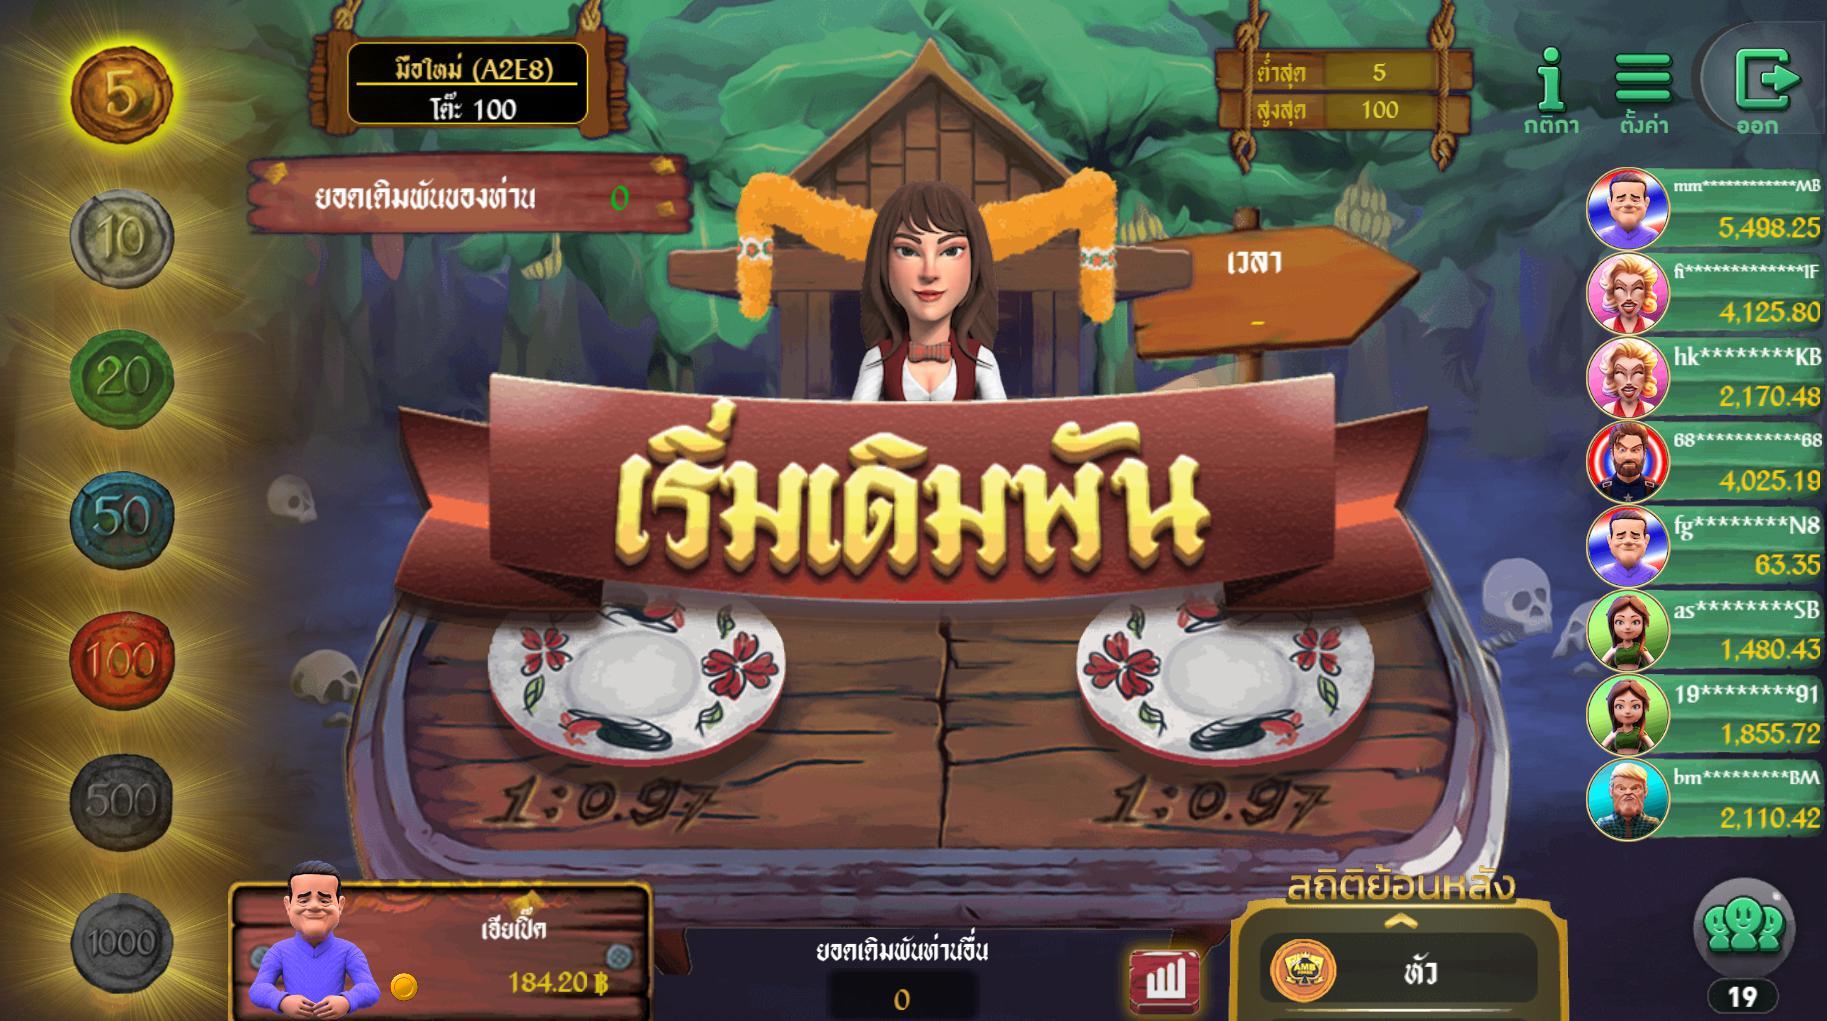 play gameheadortail5